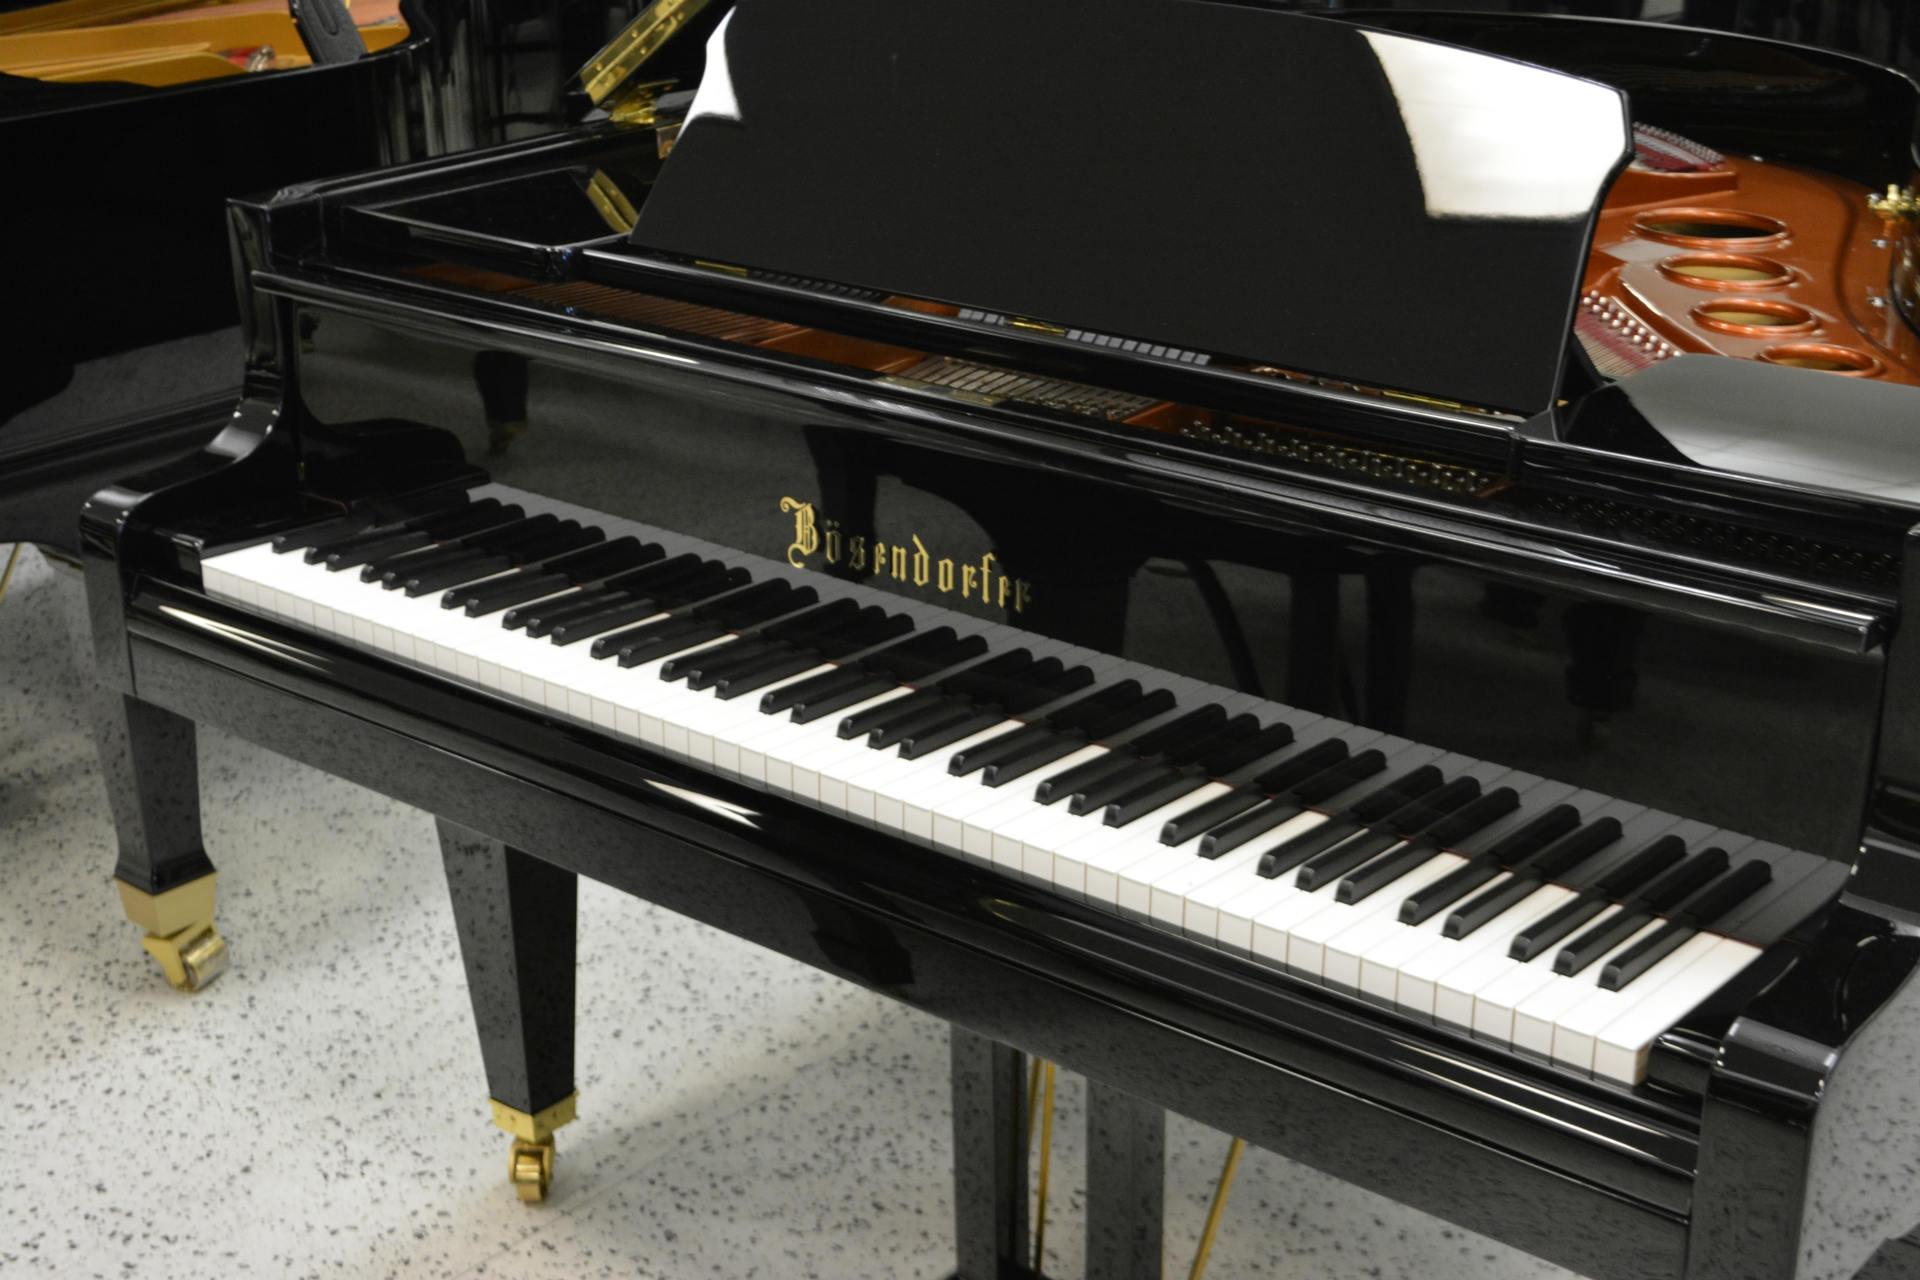 Bosendorfer Model 170 Grand Piano (used)